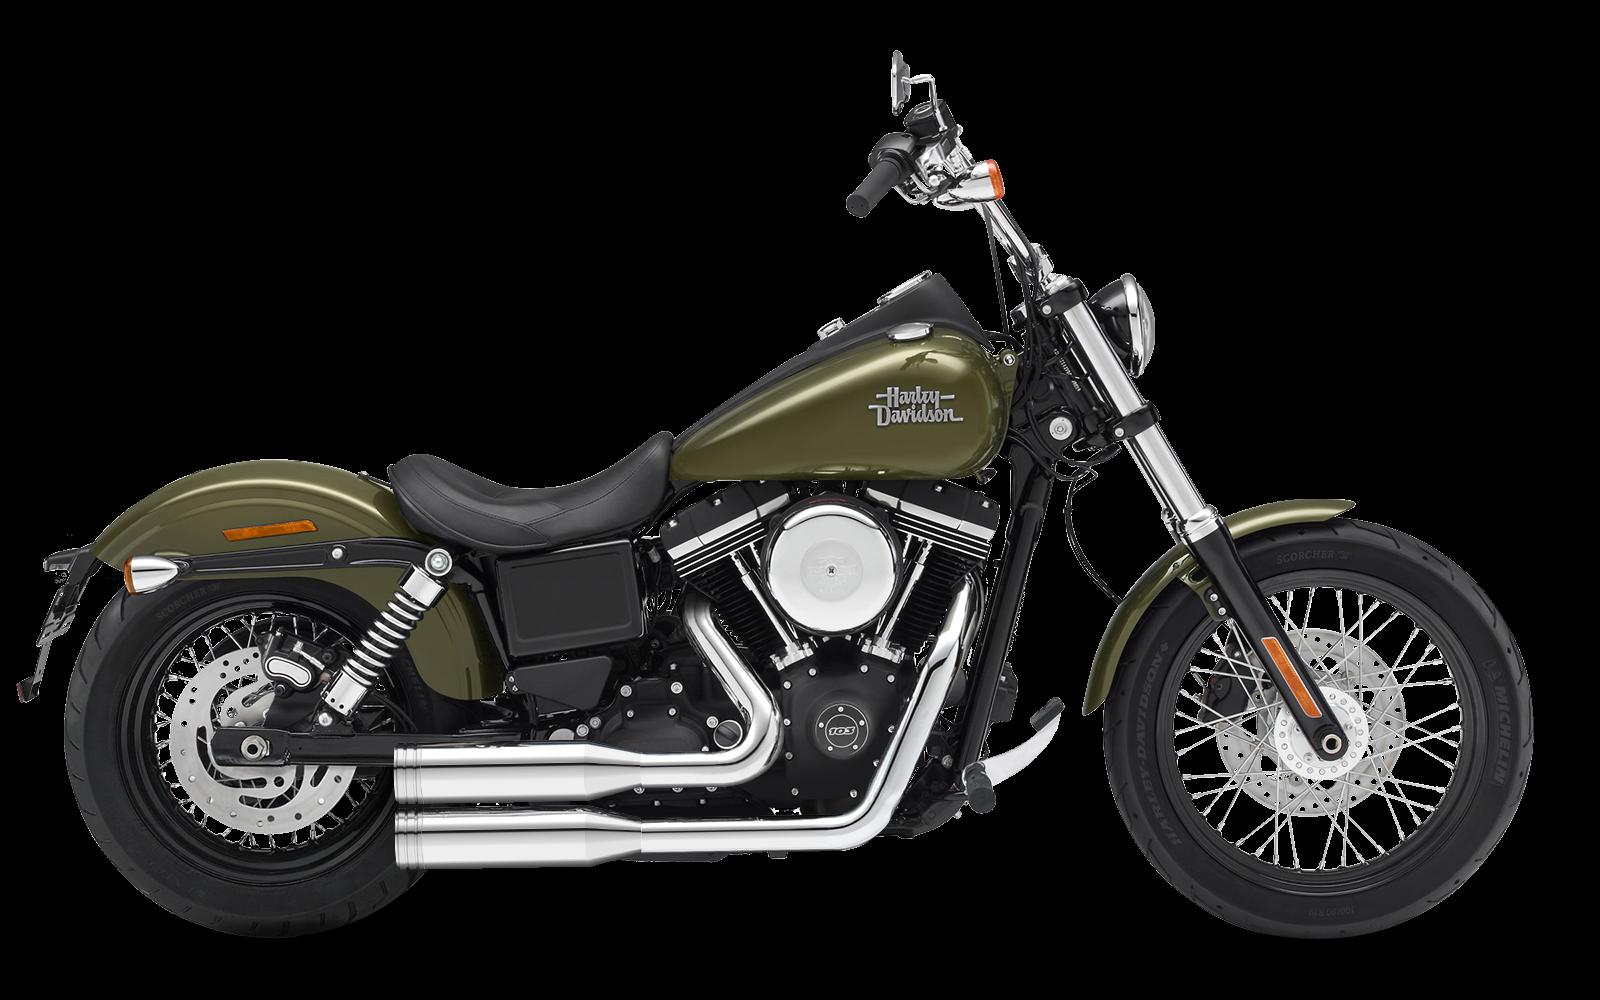 Dyna - Low Rider - TC96 - 2009-2013 - Komplettanlage verstellbar